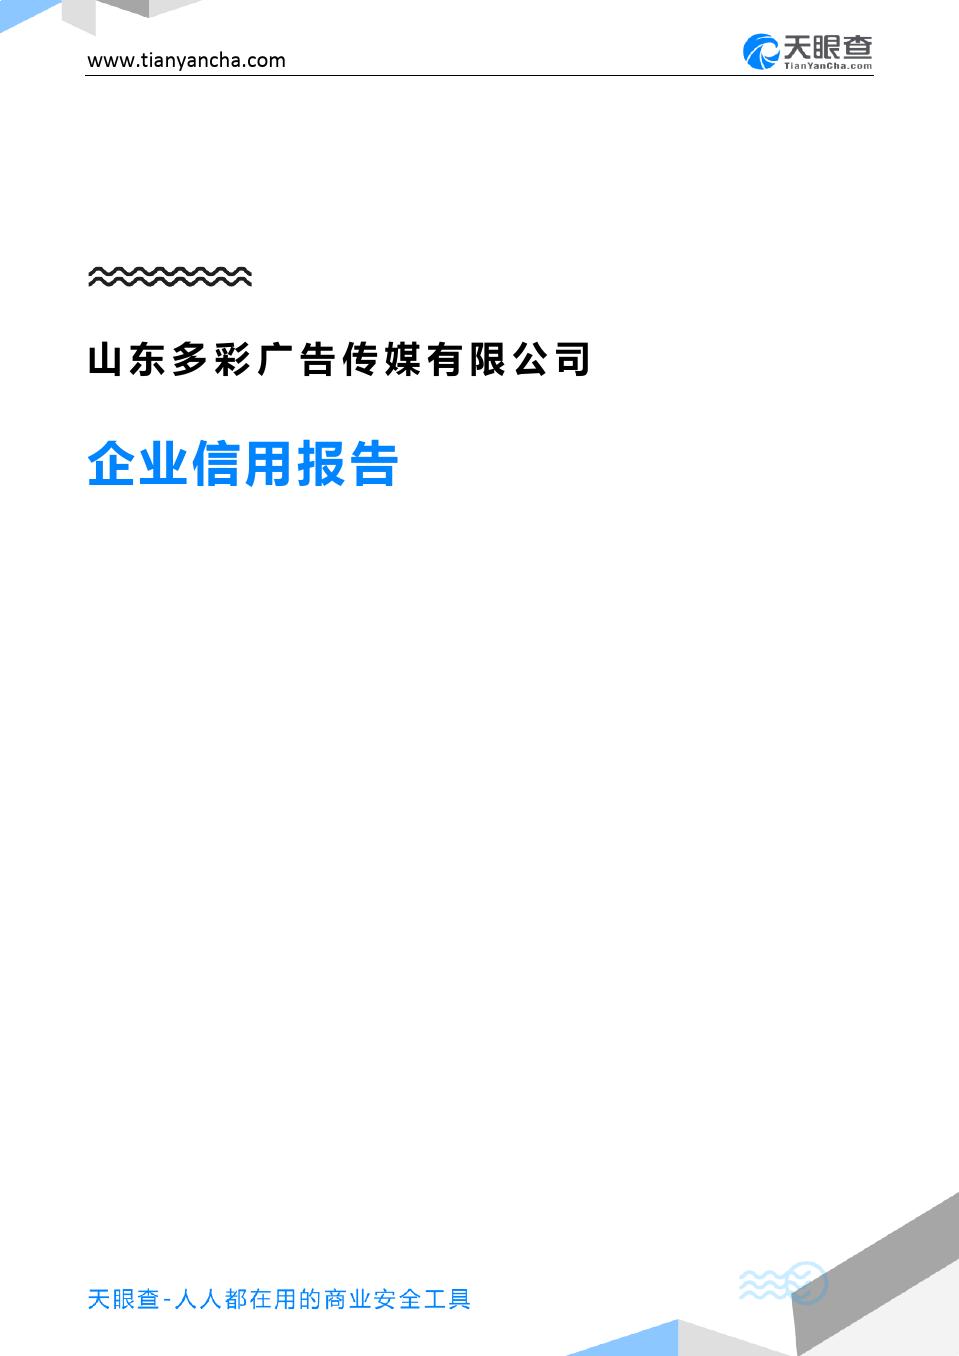 山东多彩广告传媒有限公司(企业信用报告)- 天眼查